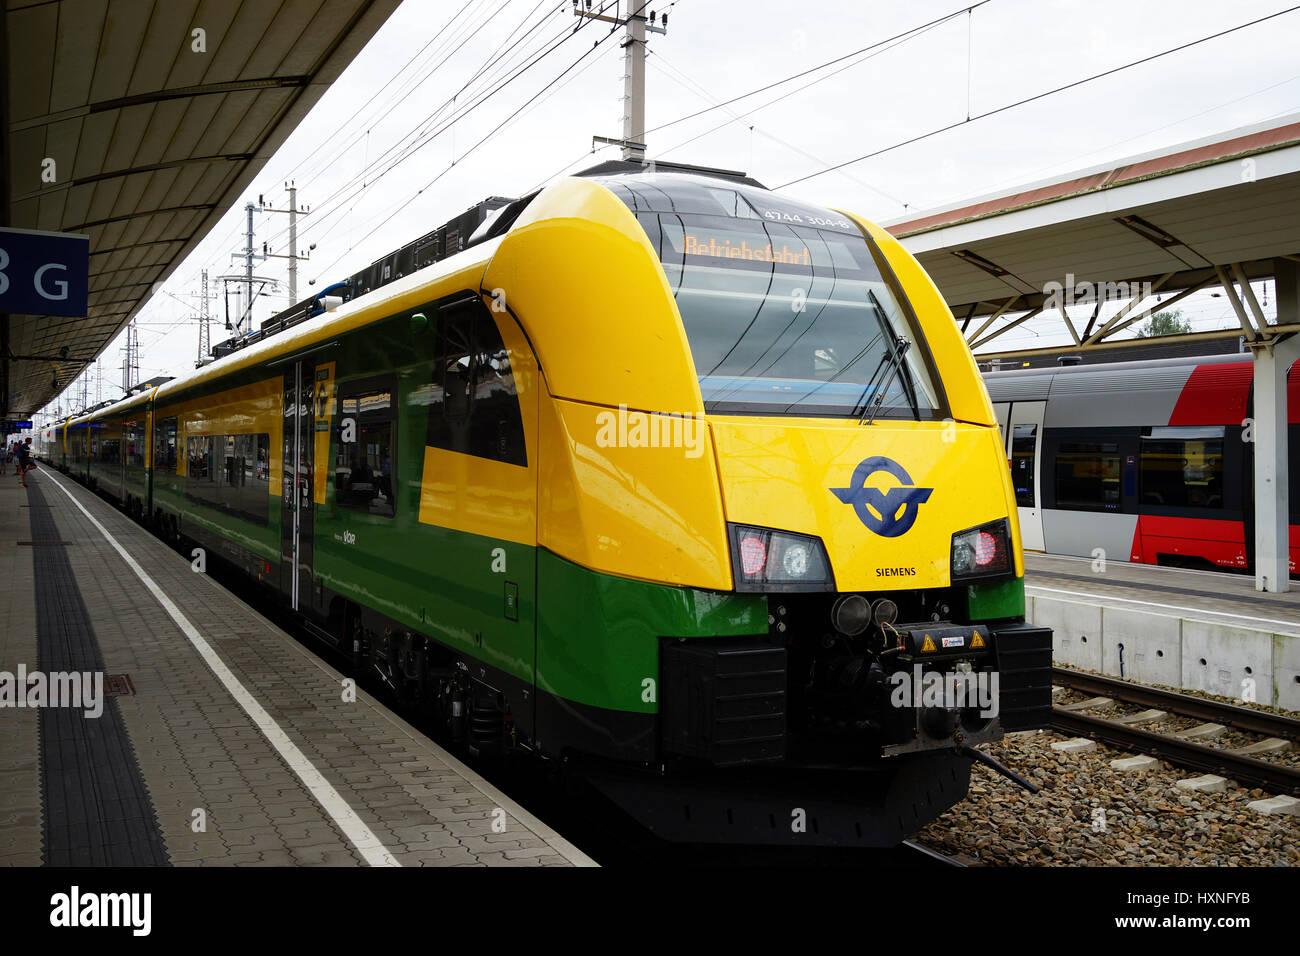 Cityjet Raaberbahn, Schnellbahn, Bahnhof Amstetten, Niederoesterreich, Oesterreich, Der Cityjet und der Ventus sind - Stock Image